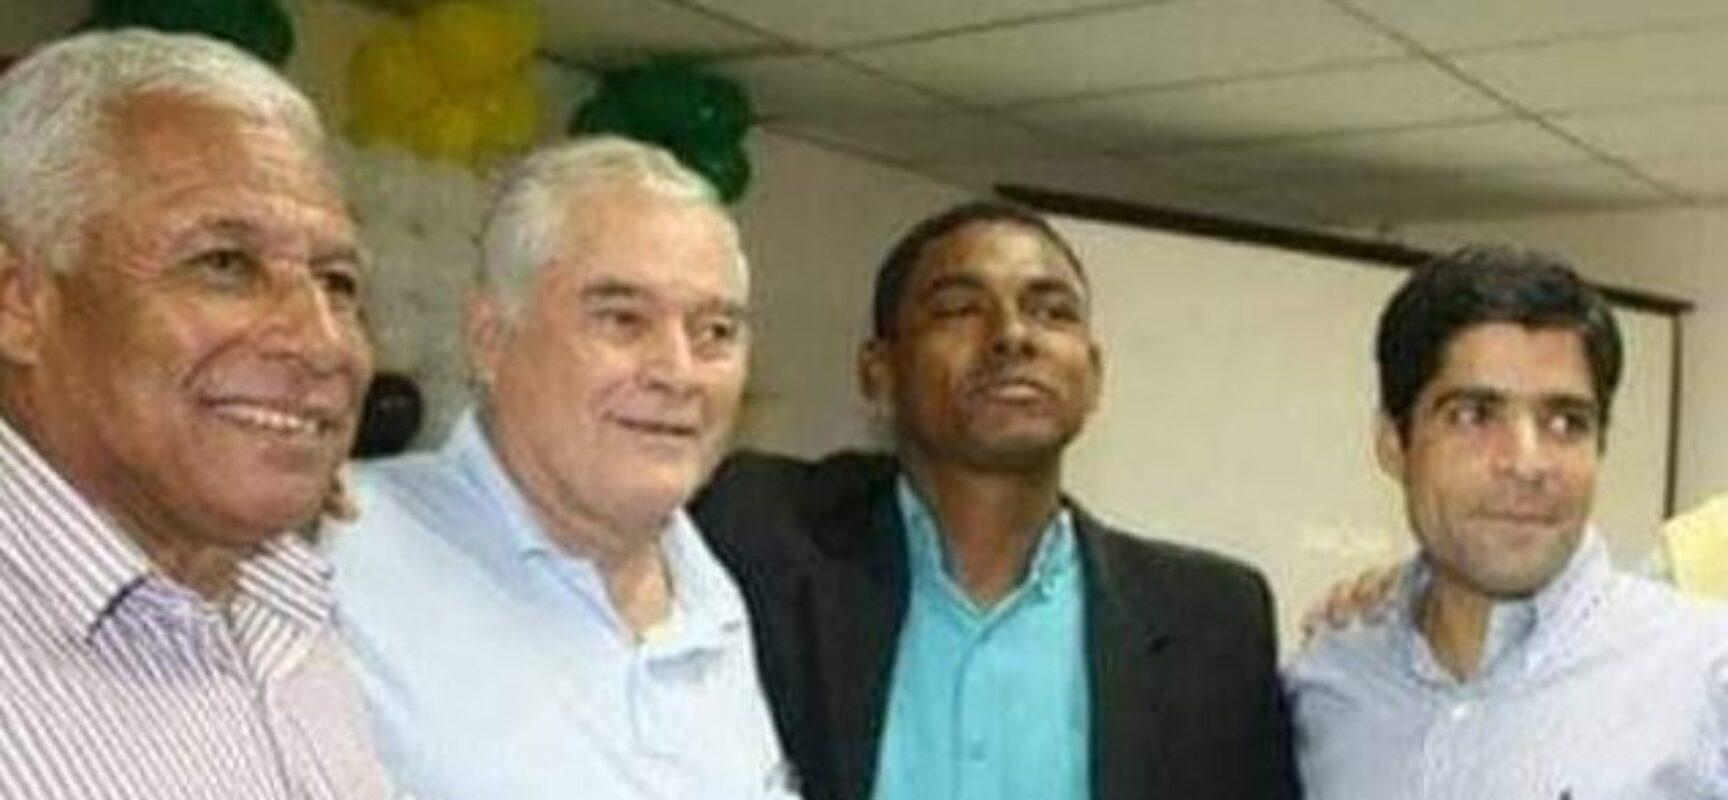 Rogério Gomes, PIRATA, outro que se declara pré-candidato a Deputado Federal